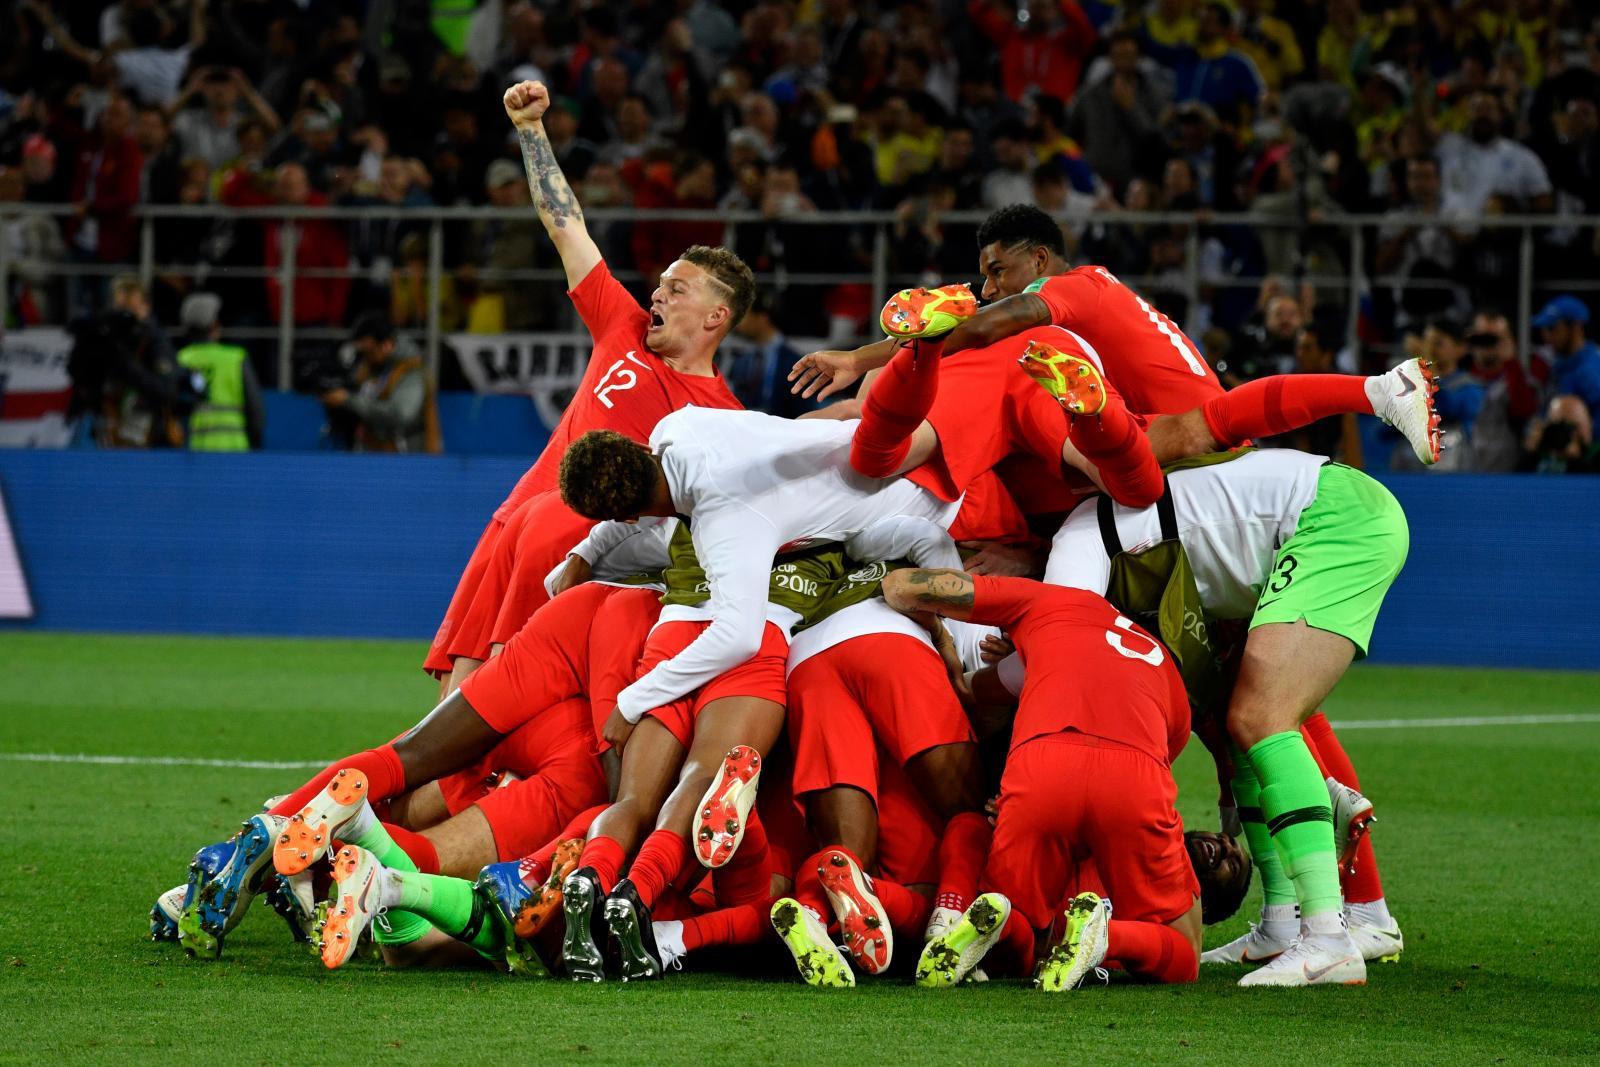 """""""อังกฤษ"""" ล้างอาถรรพ์ ดวลจุดโทษชนะครั้งแรกในฟุตบอลโลก 2018"""